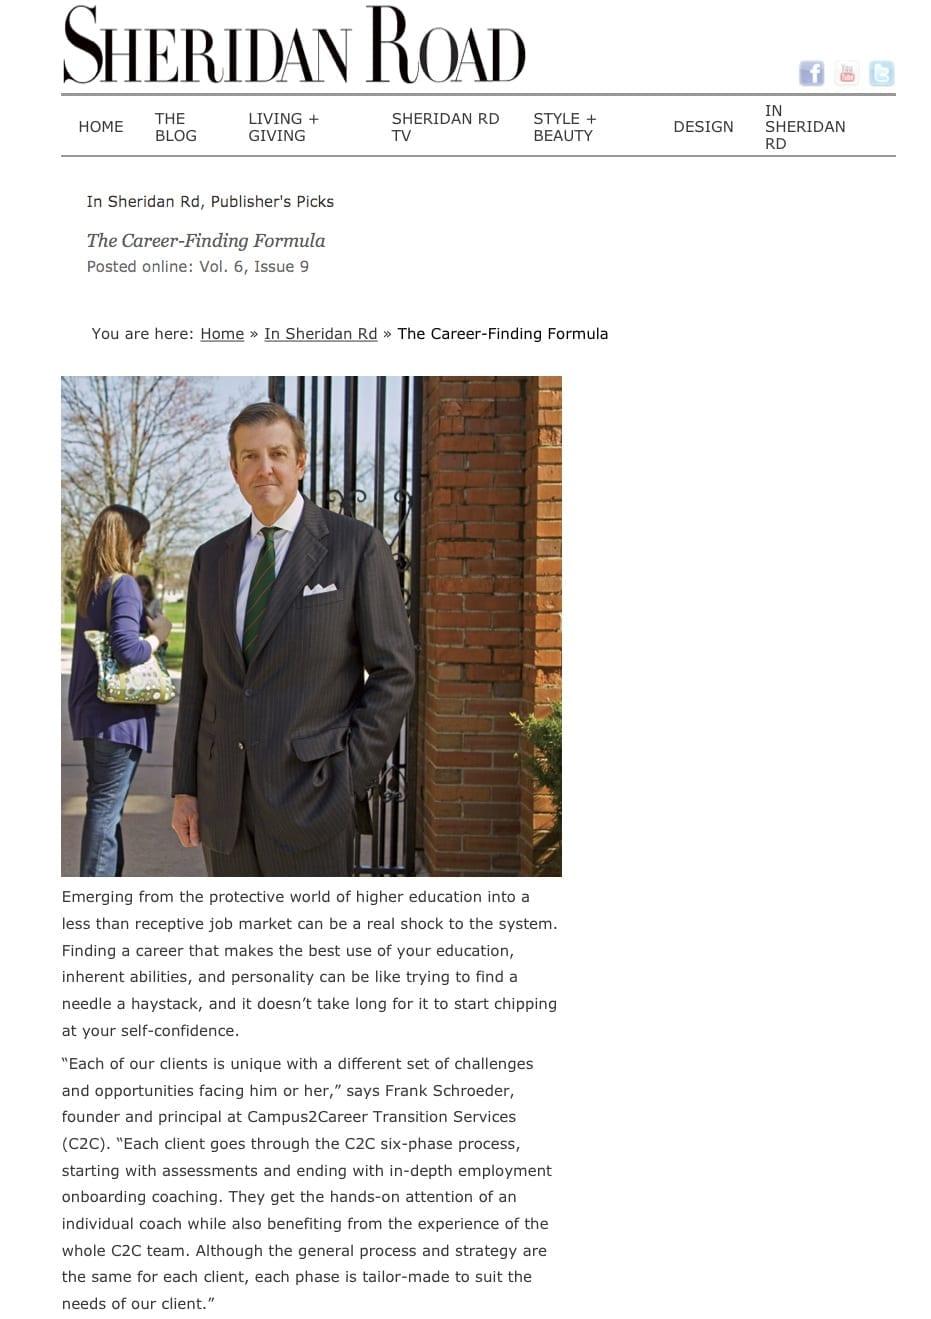 Campus2Career Sheridan Road Magazine